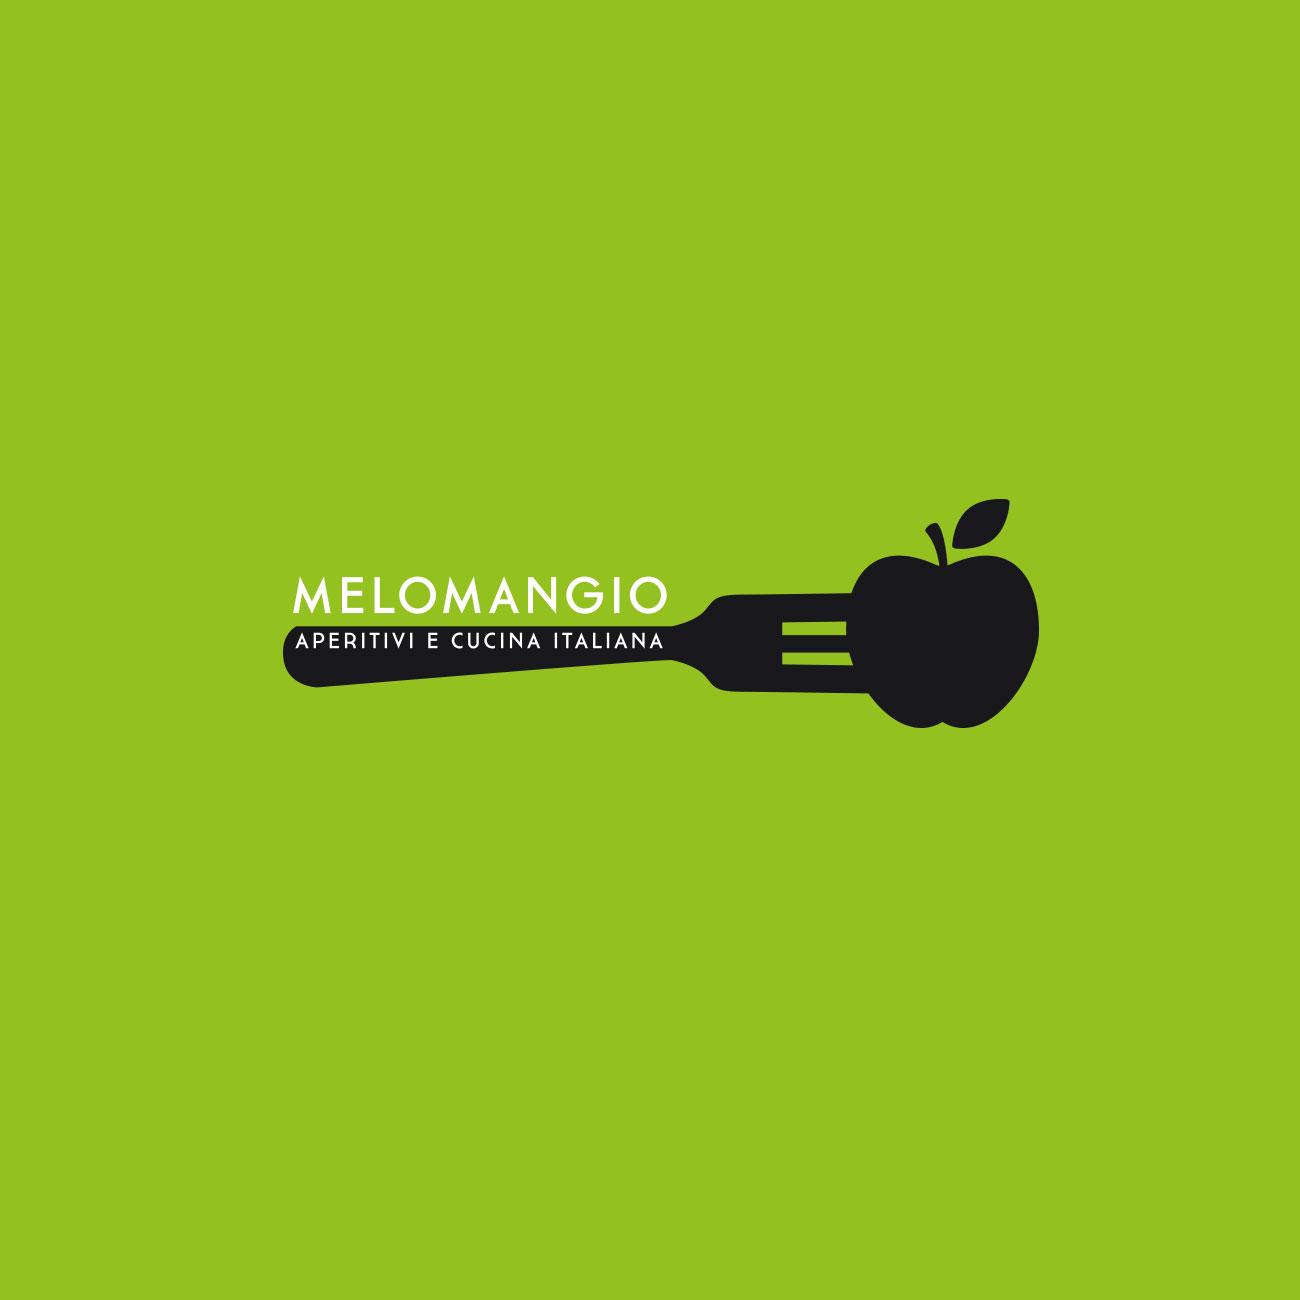 progettazione logotipo e insegna ristorante